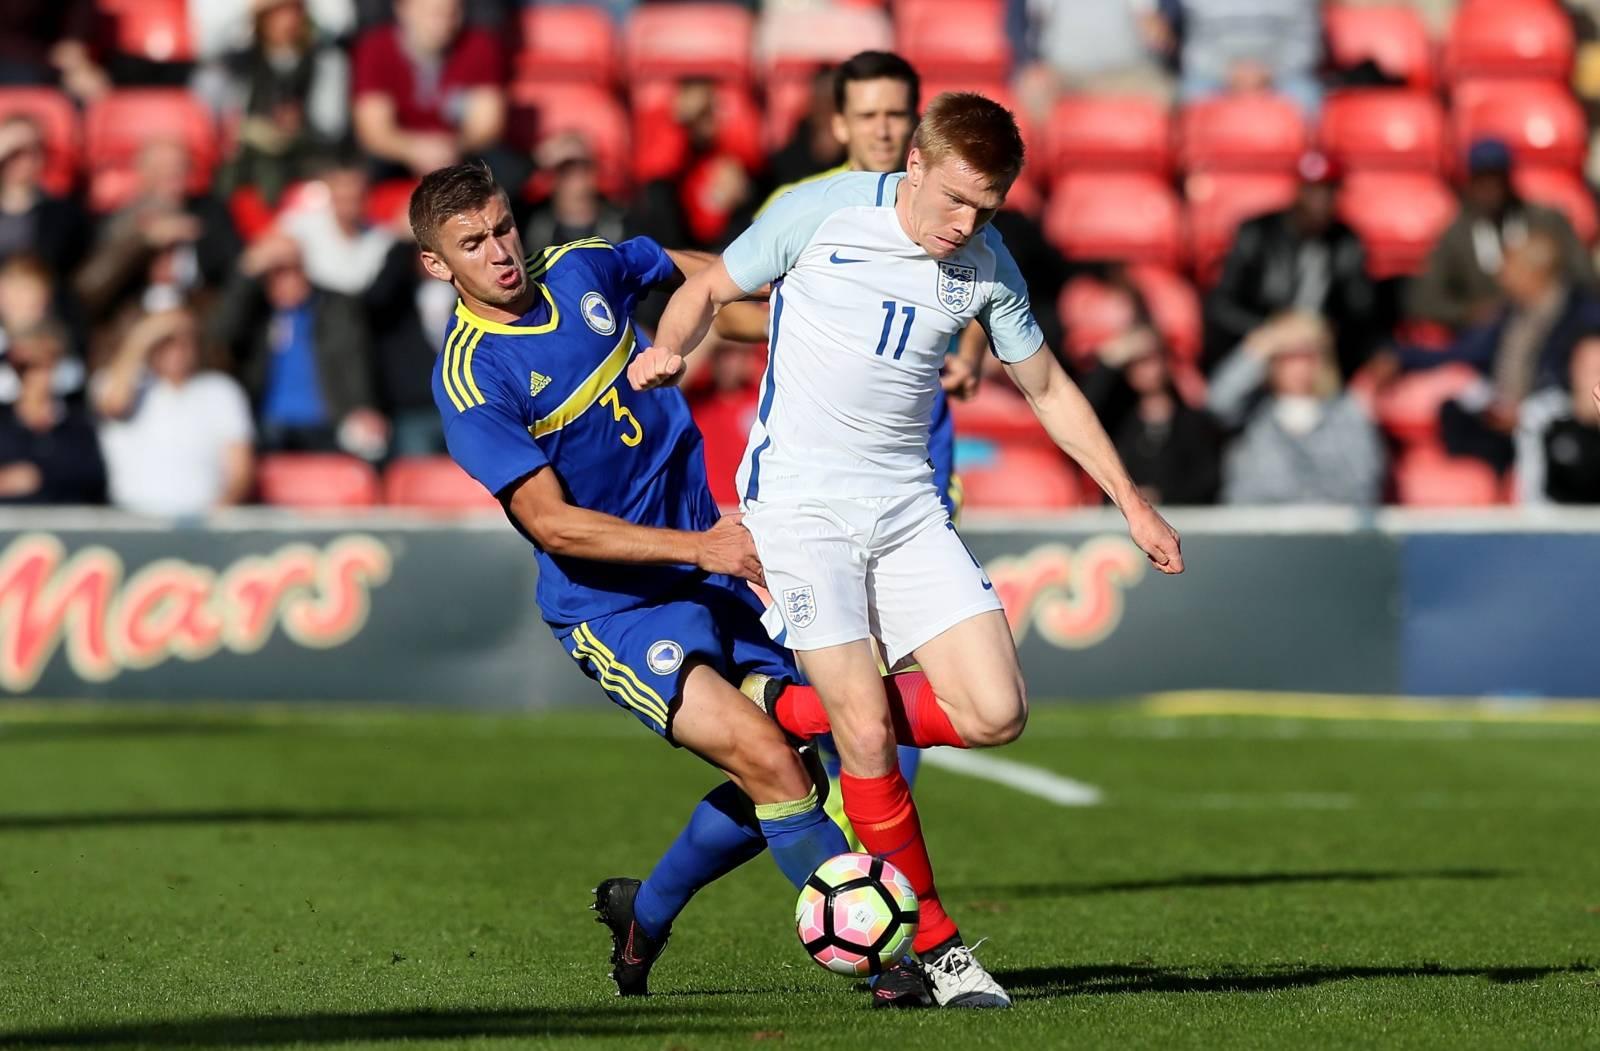 England U21s v Bosnia and Herzegovina U21s - 2017 UEFA European Under-21 Championship Qualifying - Group 9 - Banks's Stadium